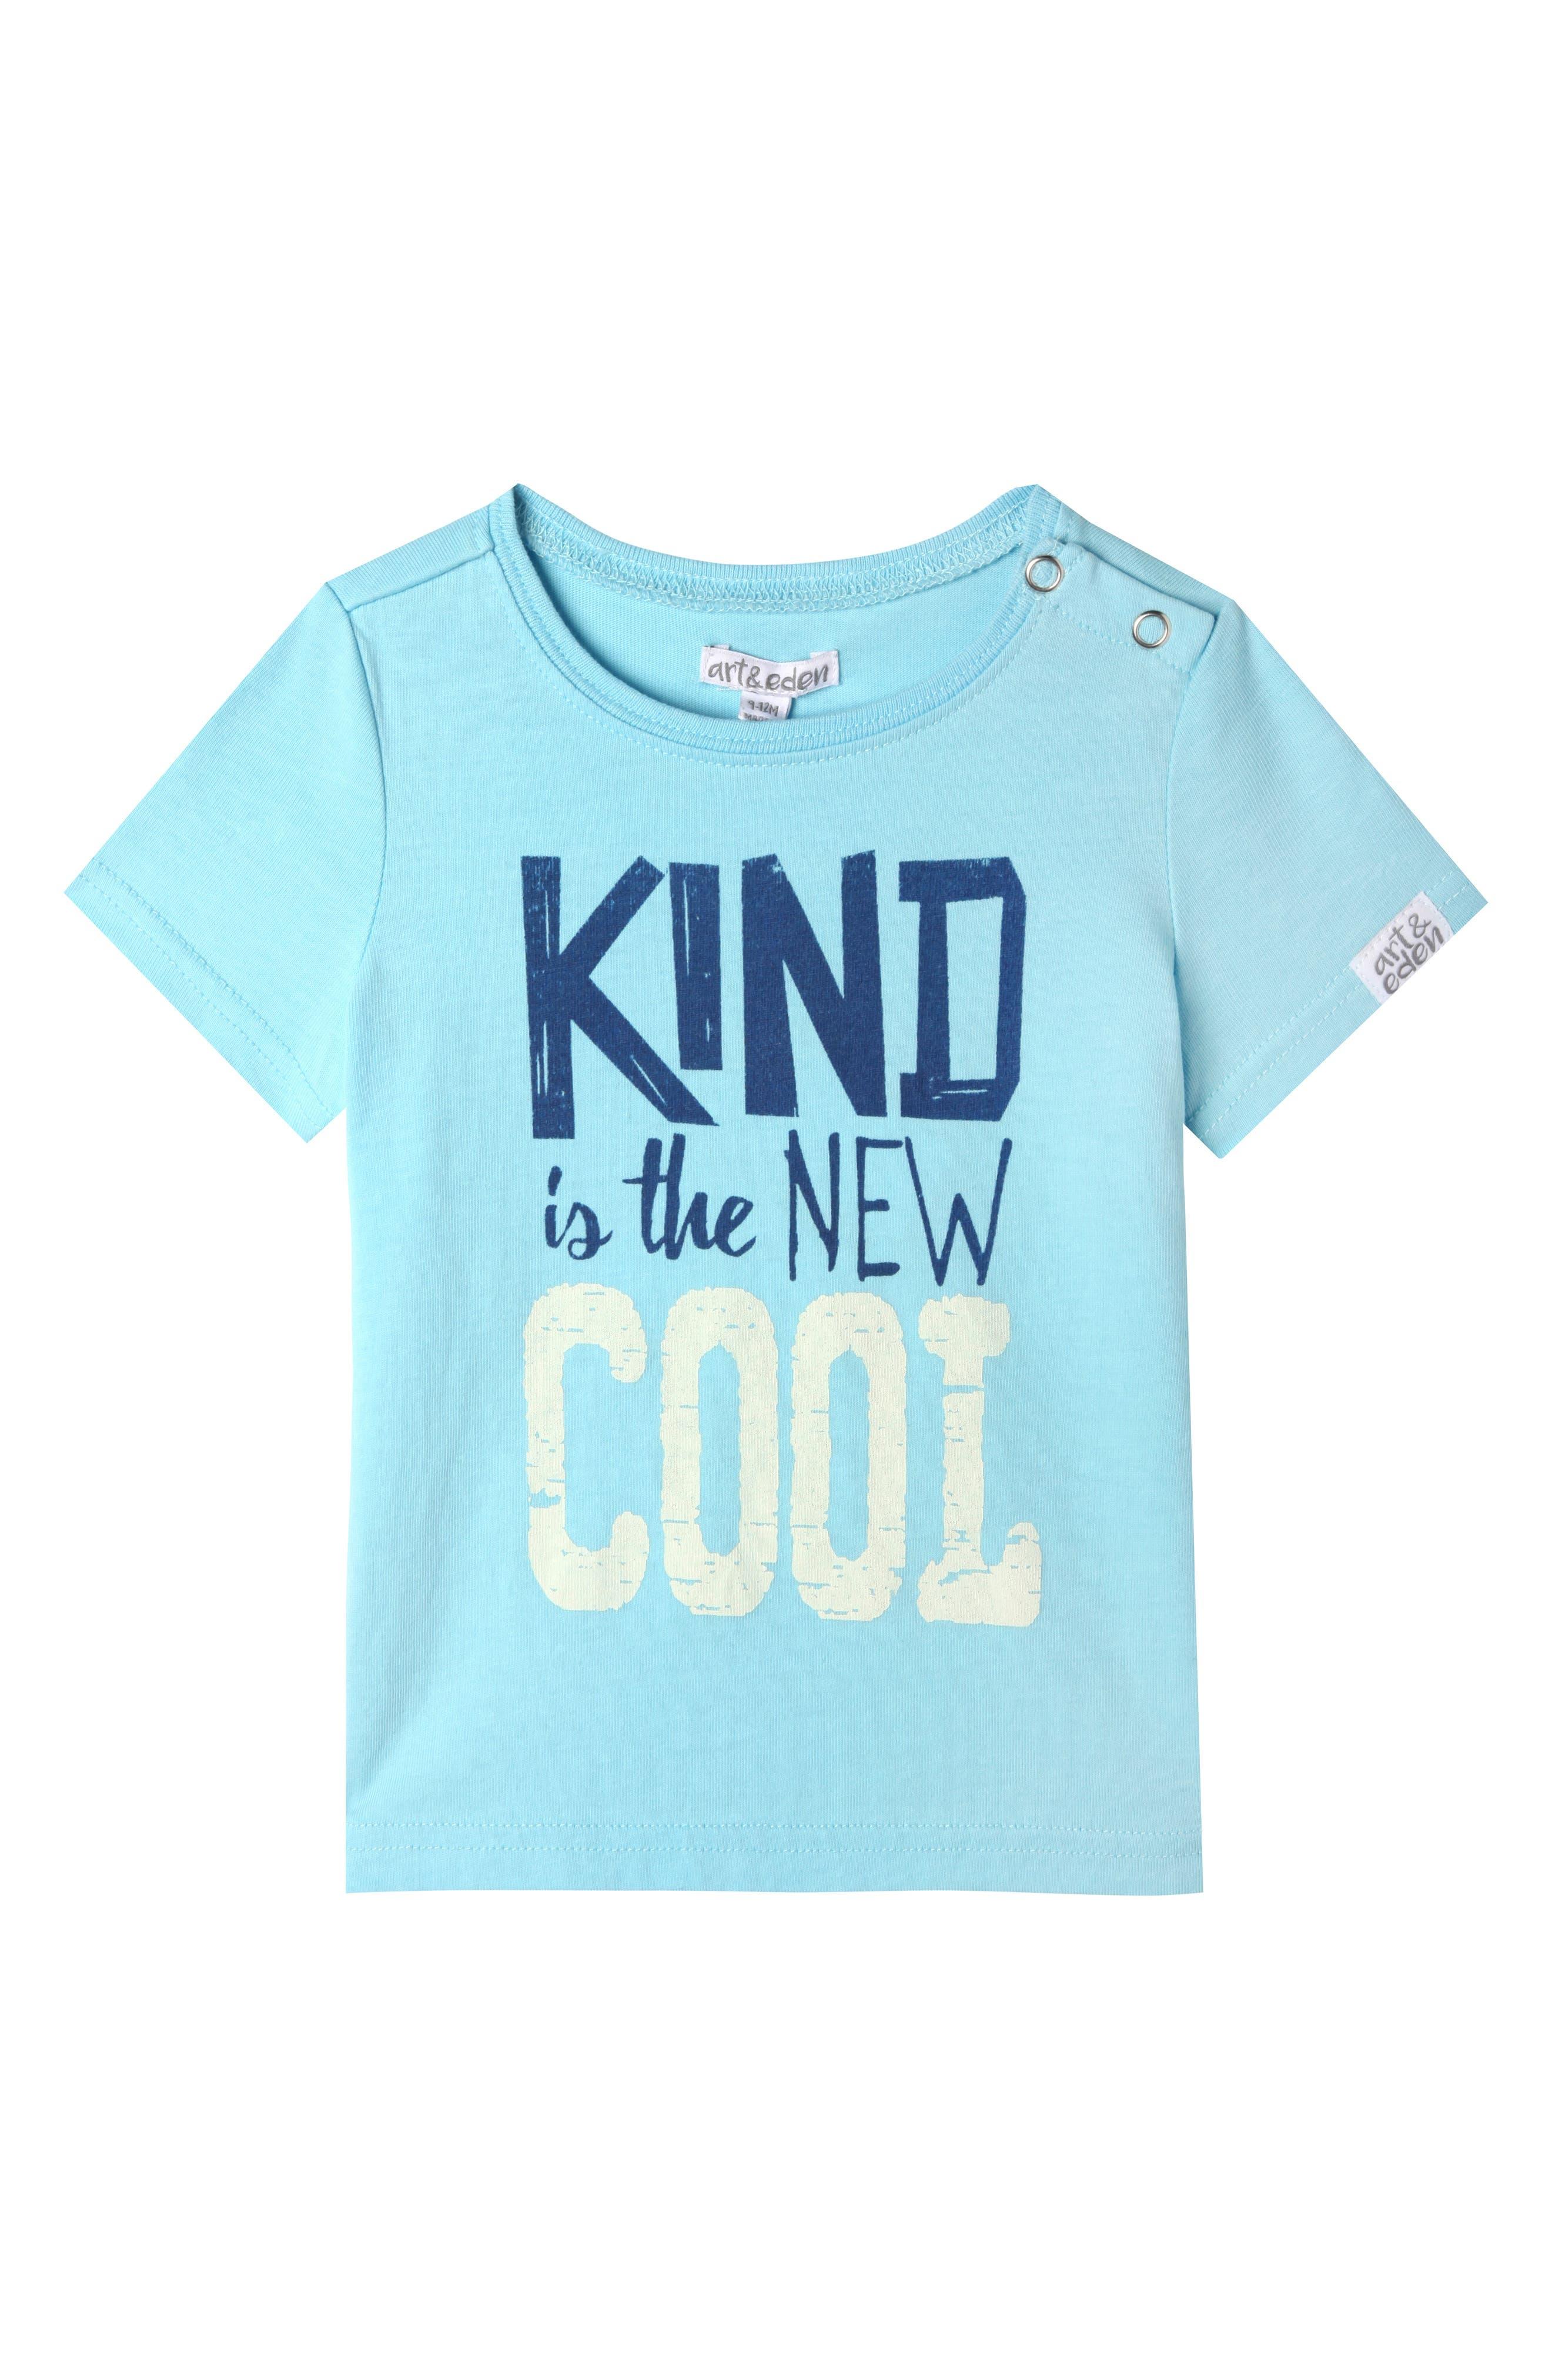 Joseph T-Shirt,                         Main,                         color, Wave Blue